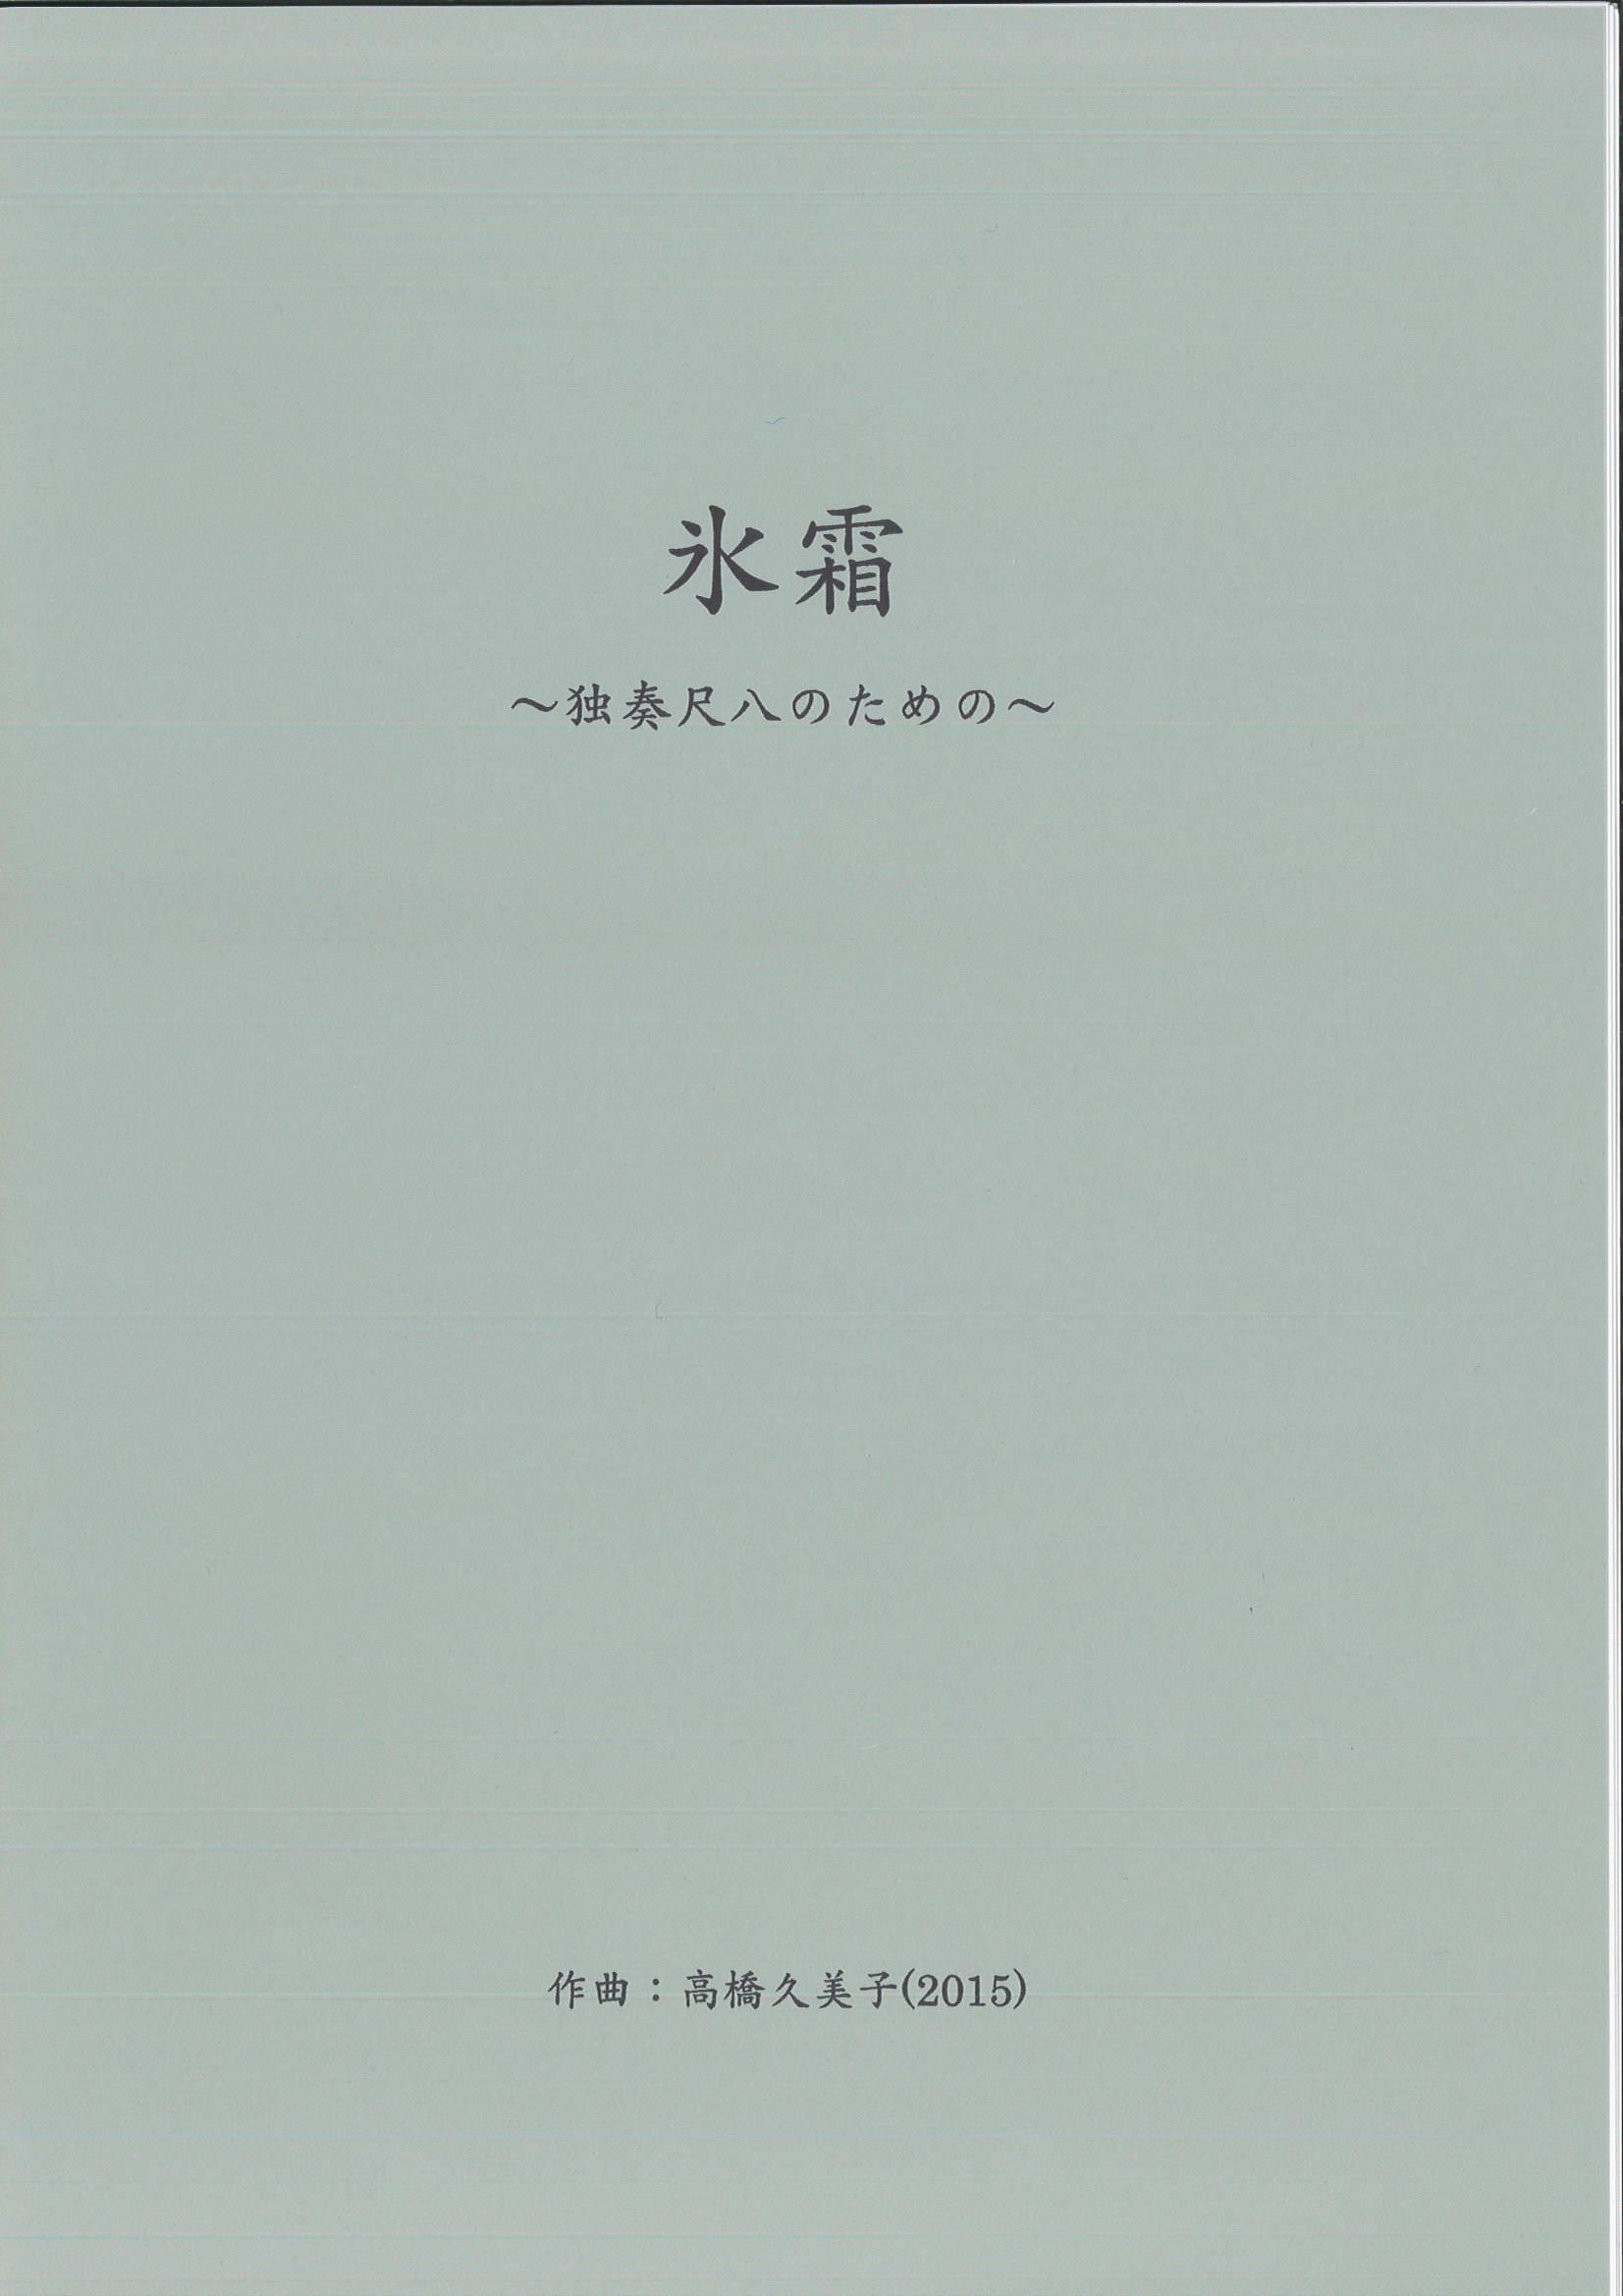 五線譜+琴古譜 氷霜─独奏尺八のための[5619]